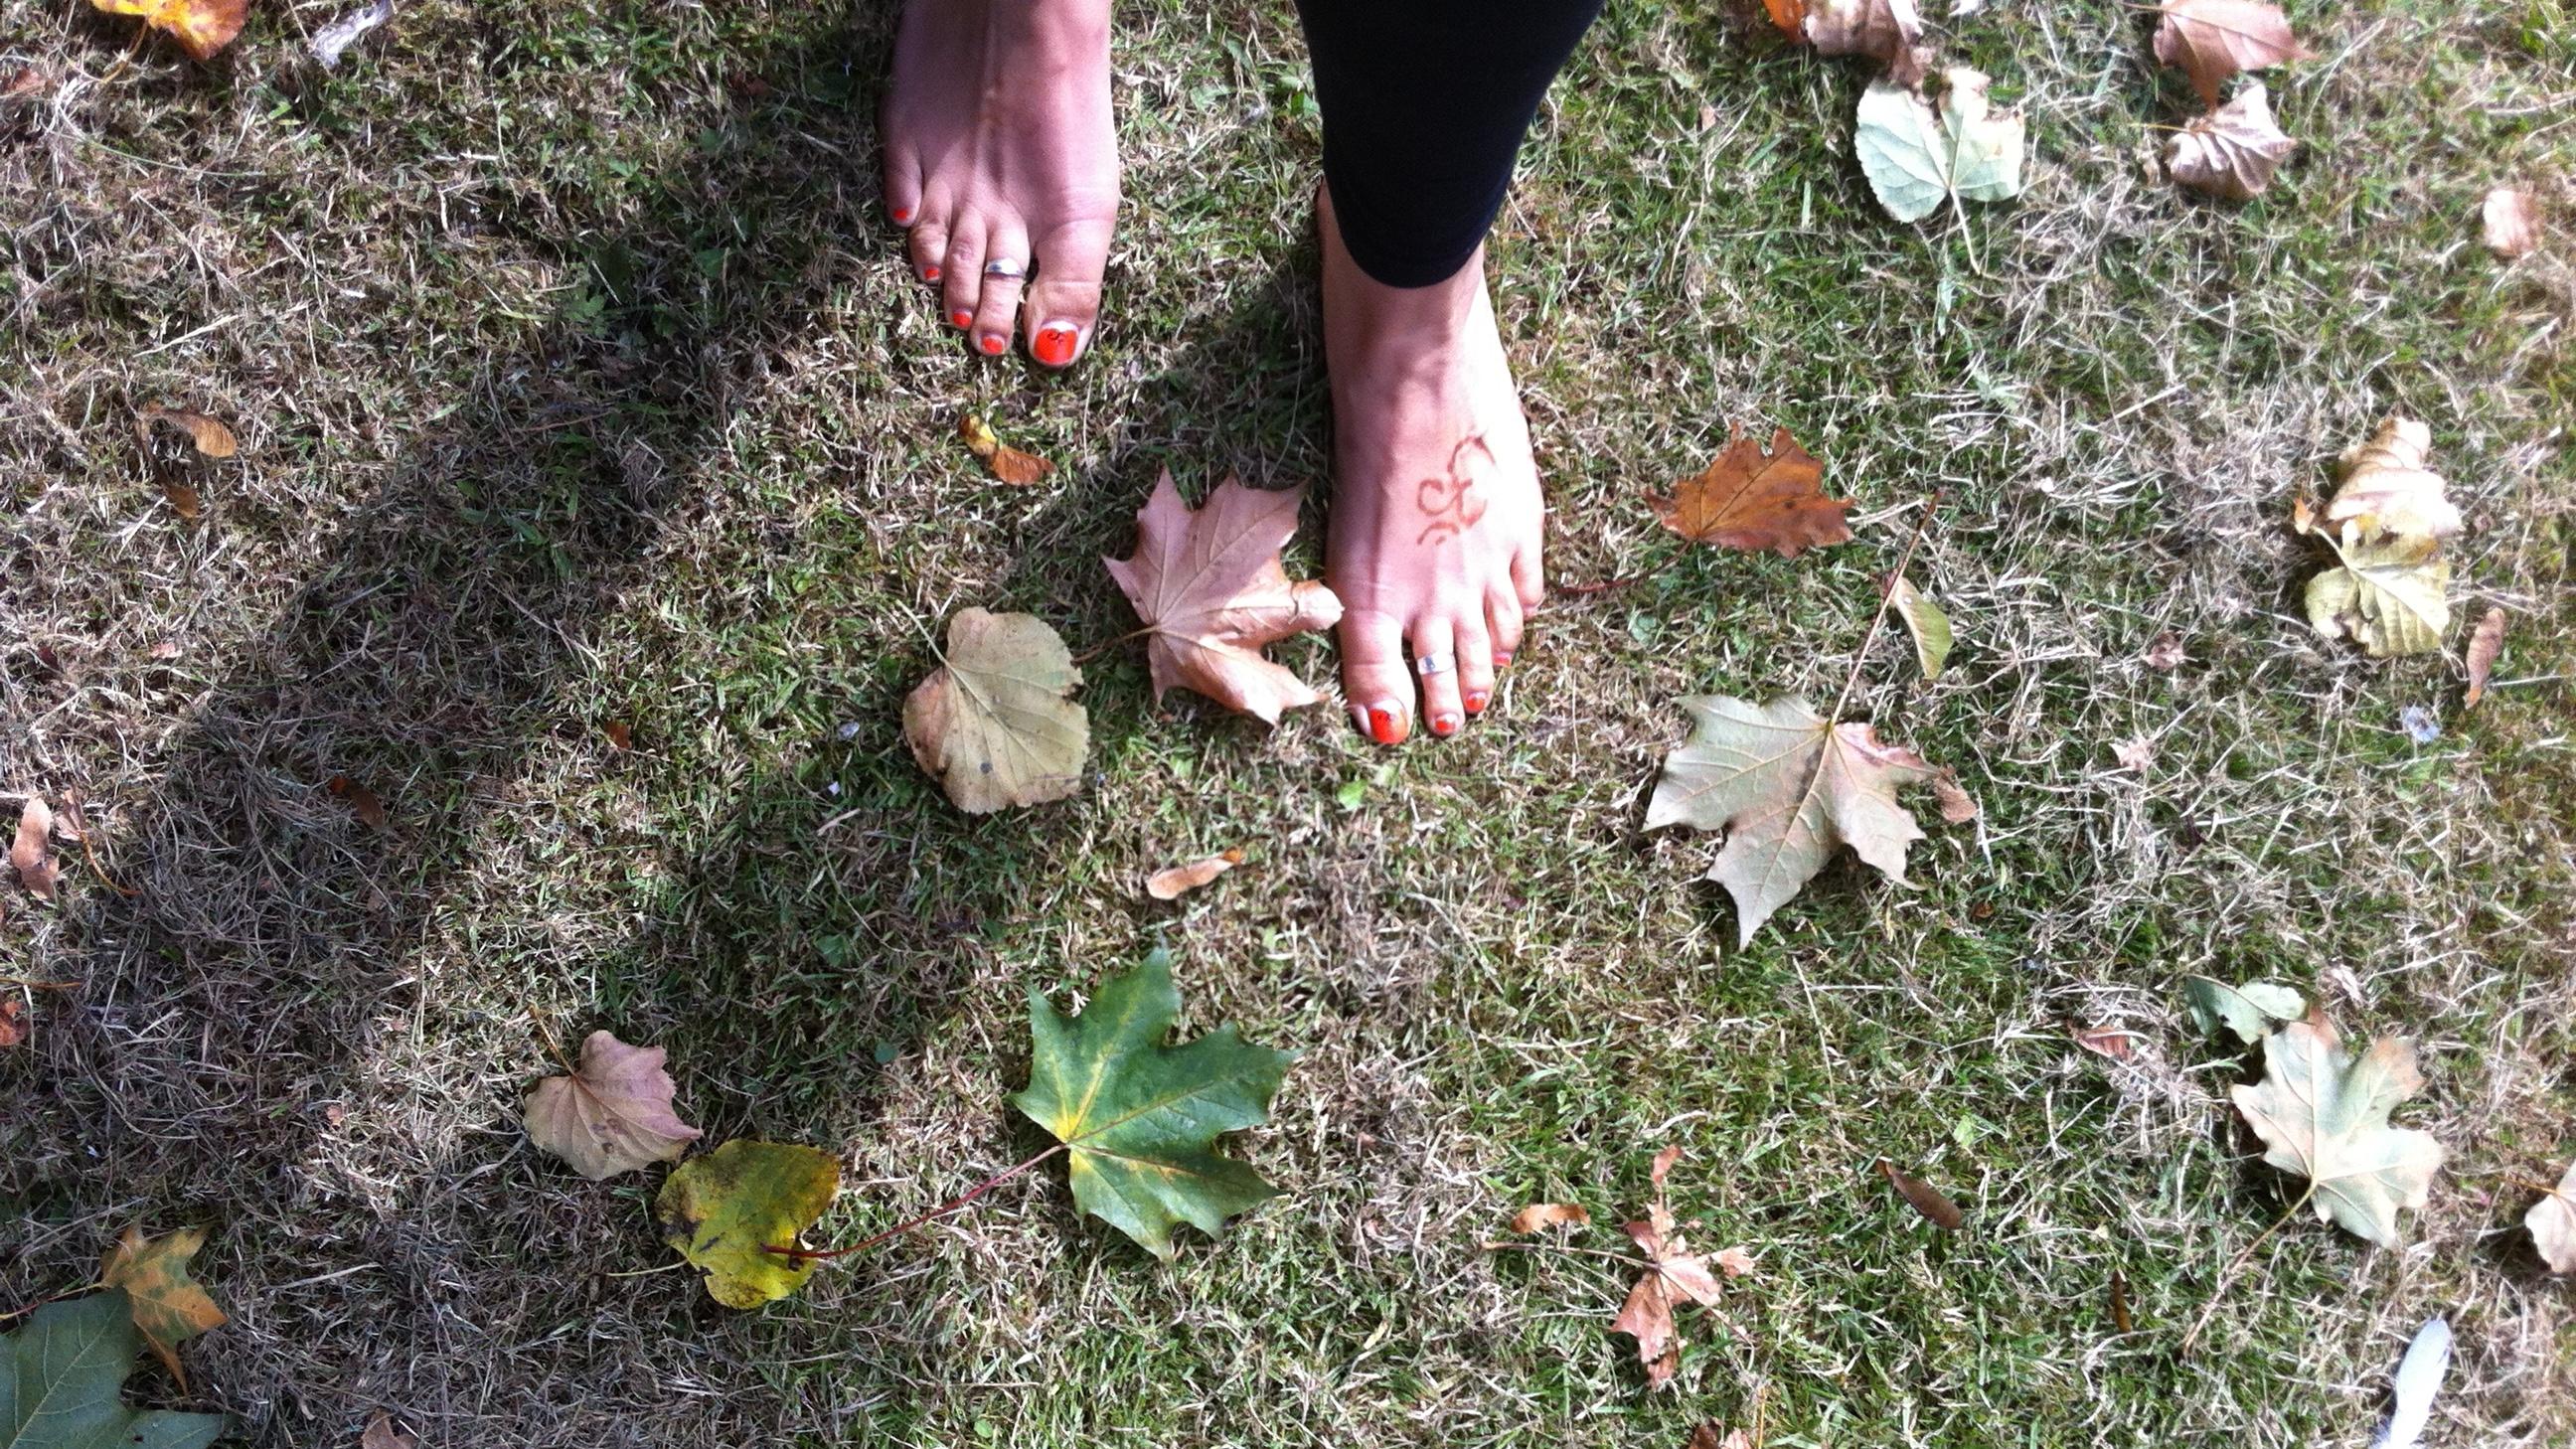 Day 56: Walking barefoot